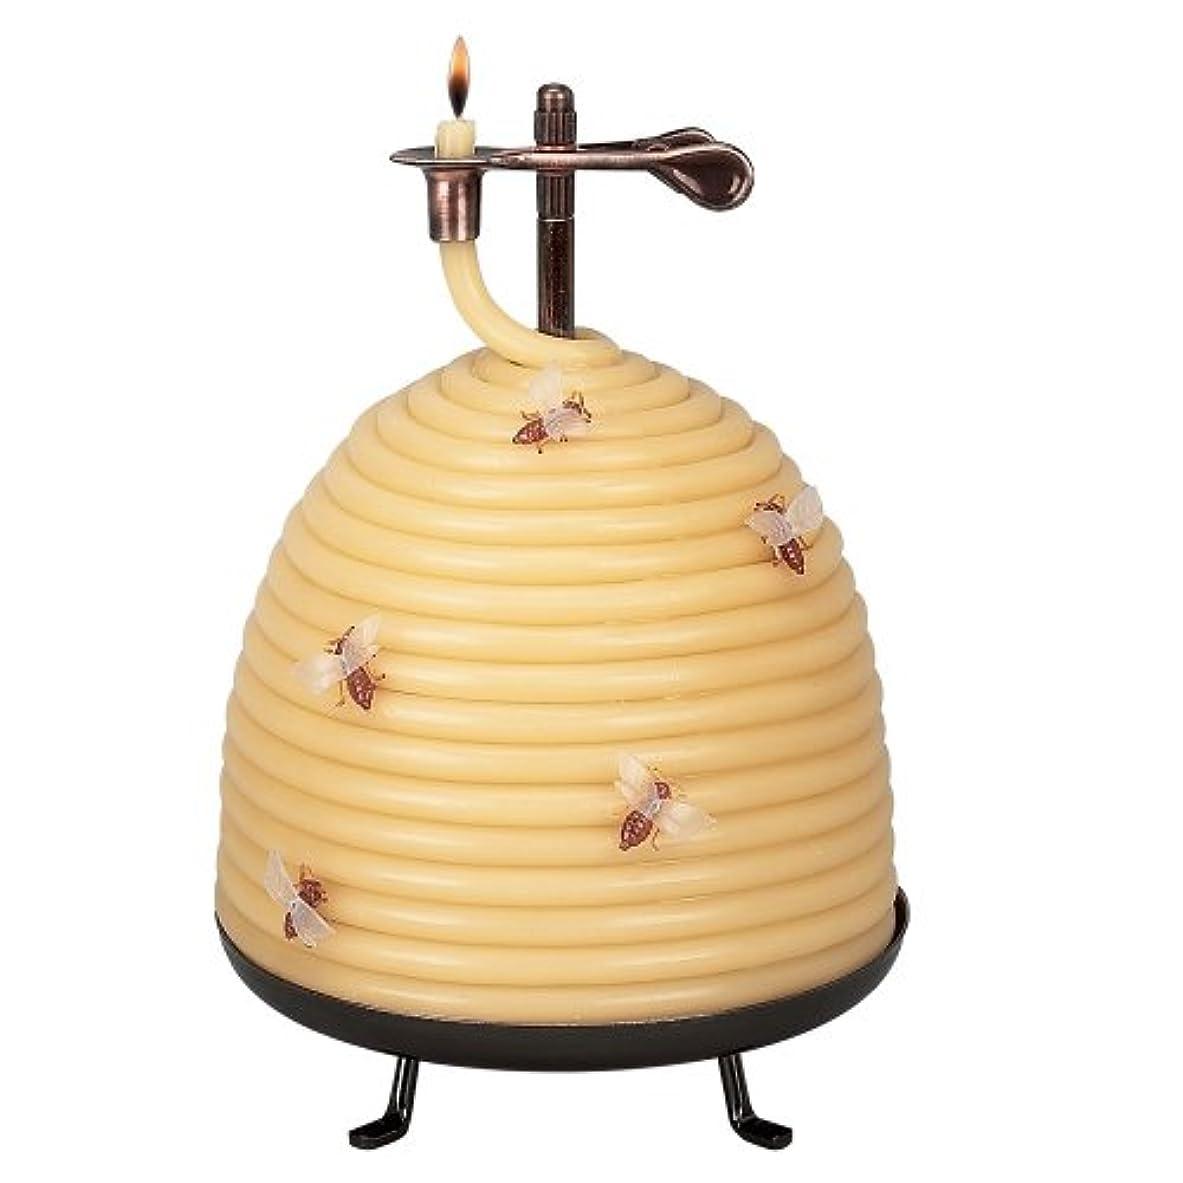 クレアもっと大理石Candle By The Hour 20642B 120 Hour Beehive Coil Candle